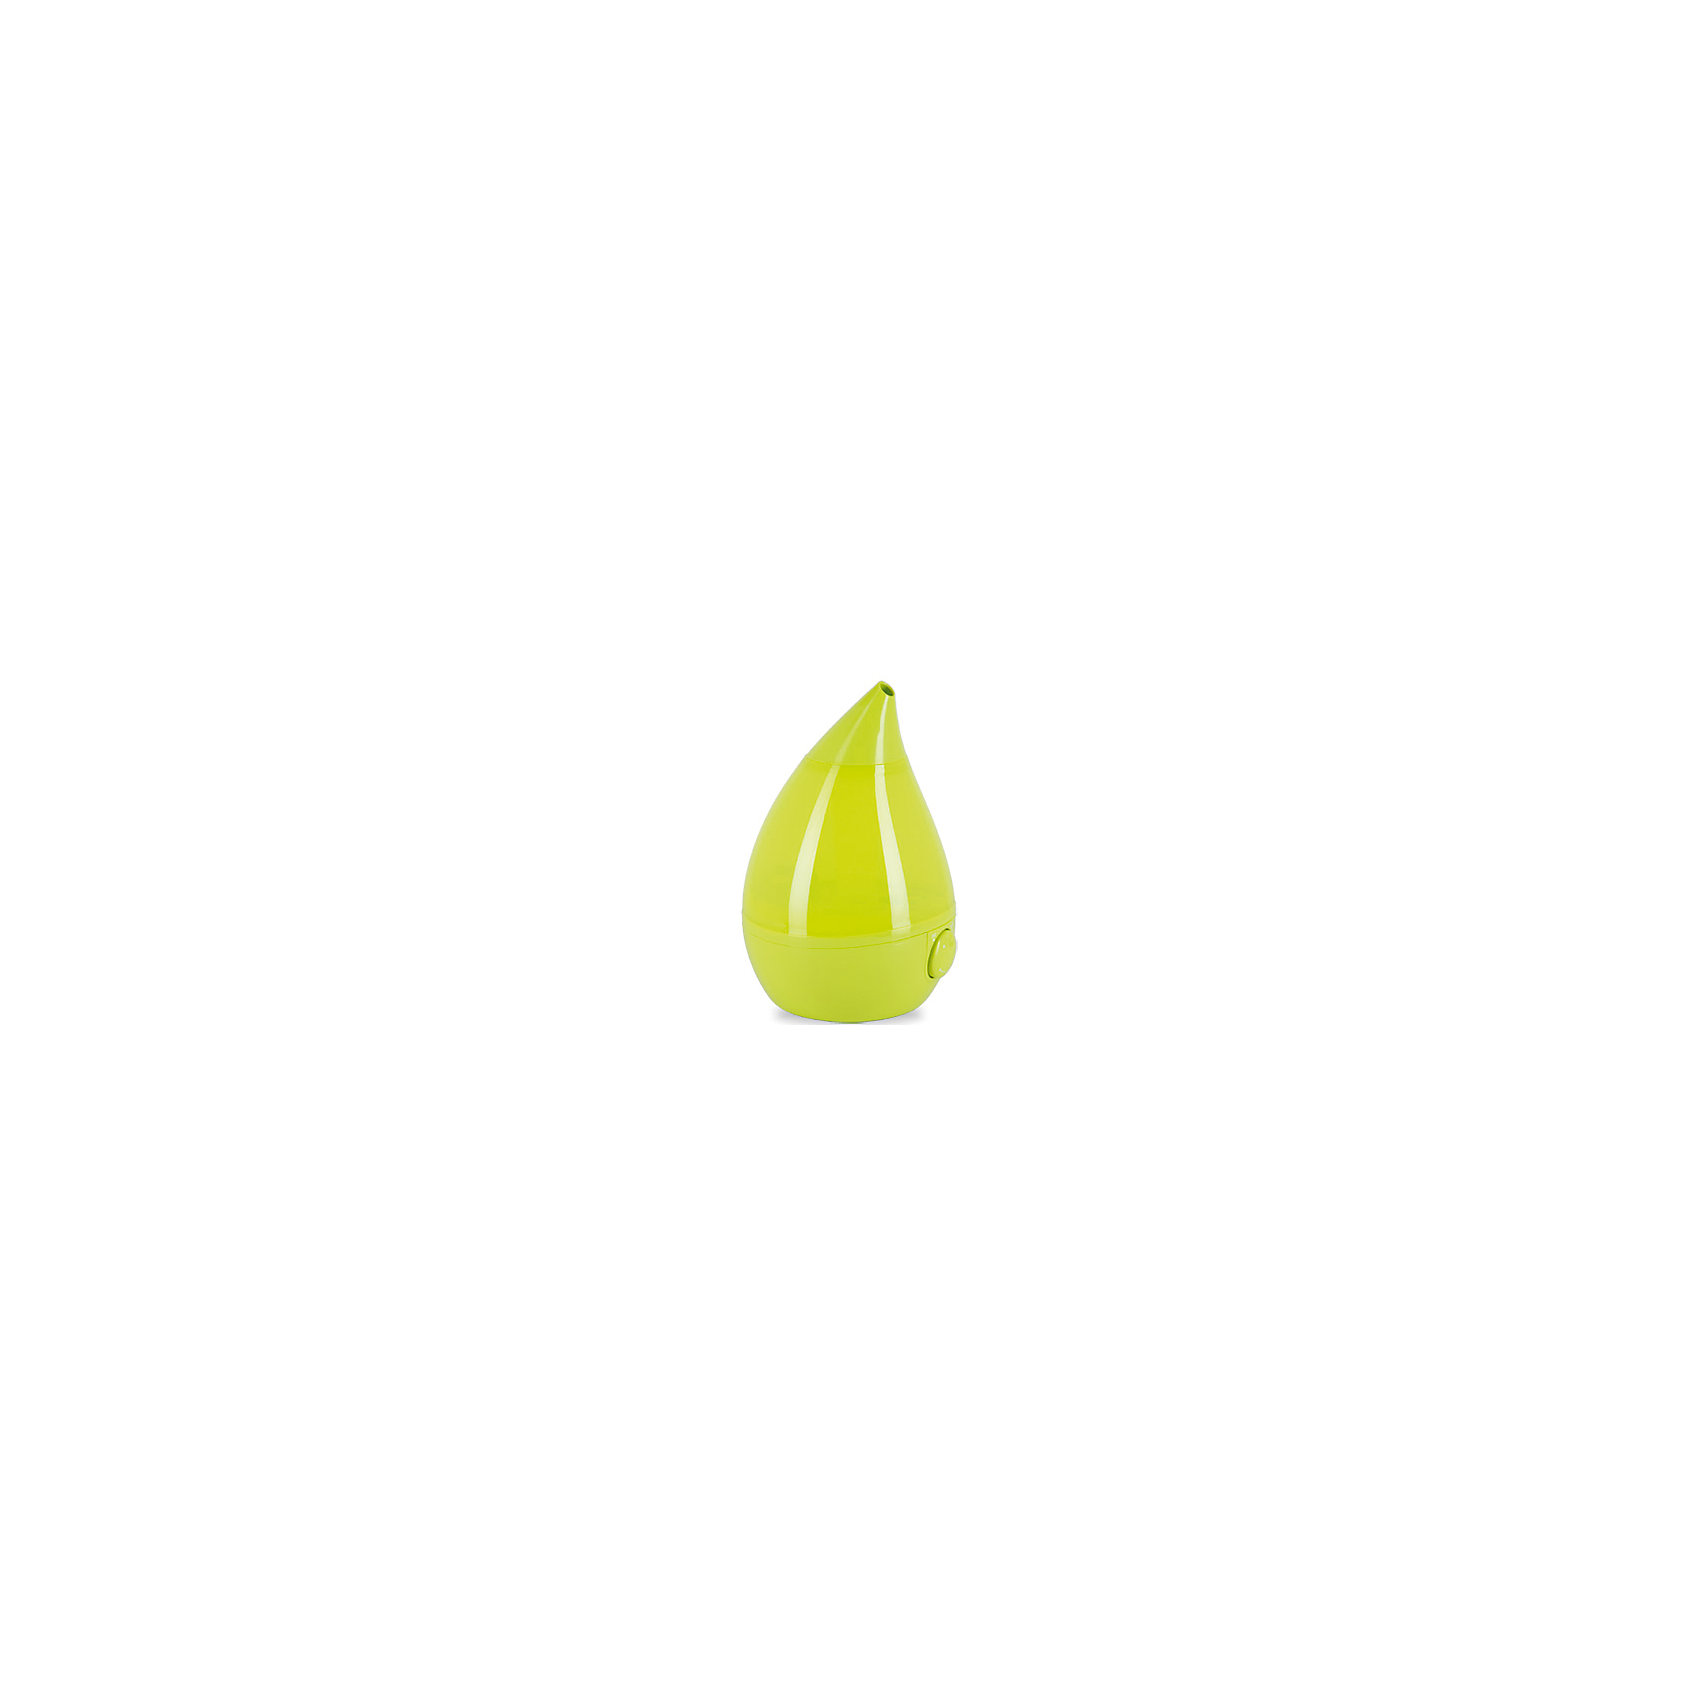 Увлажнитель воздуха ультразвуковой КАПЛЯ Crane, салатовый